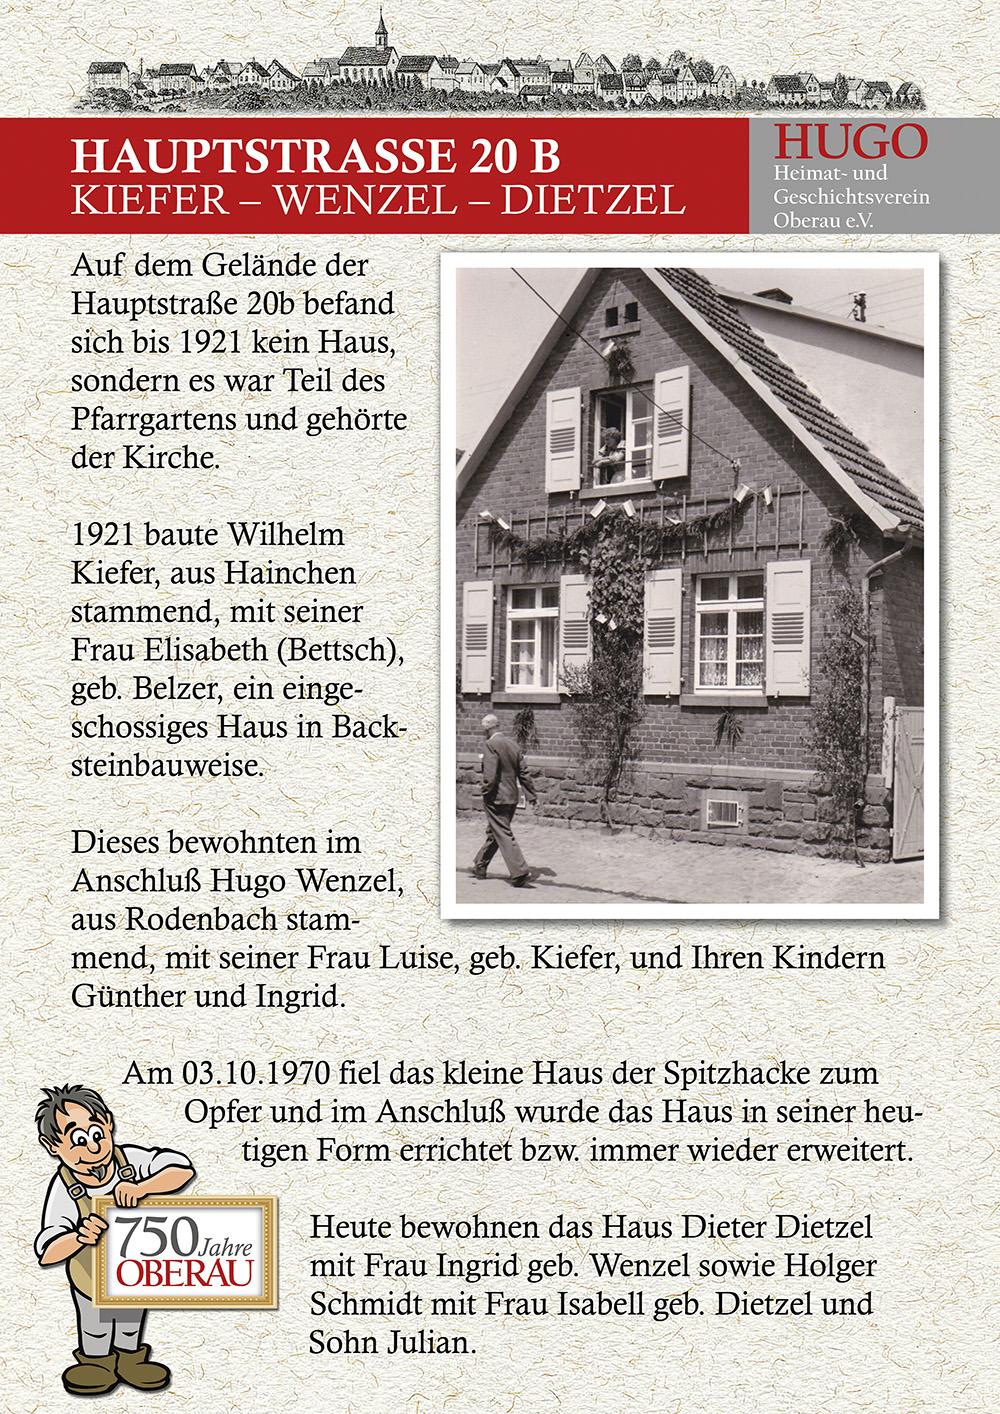 Hauptstraße 20b - Kiefer, Wenzel, Dietzel